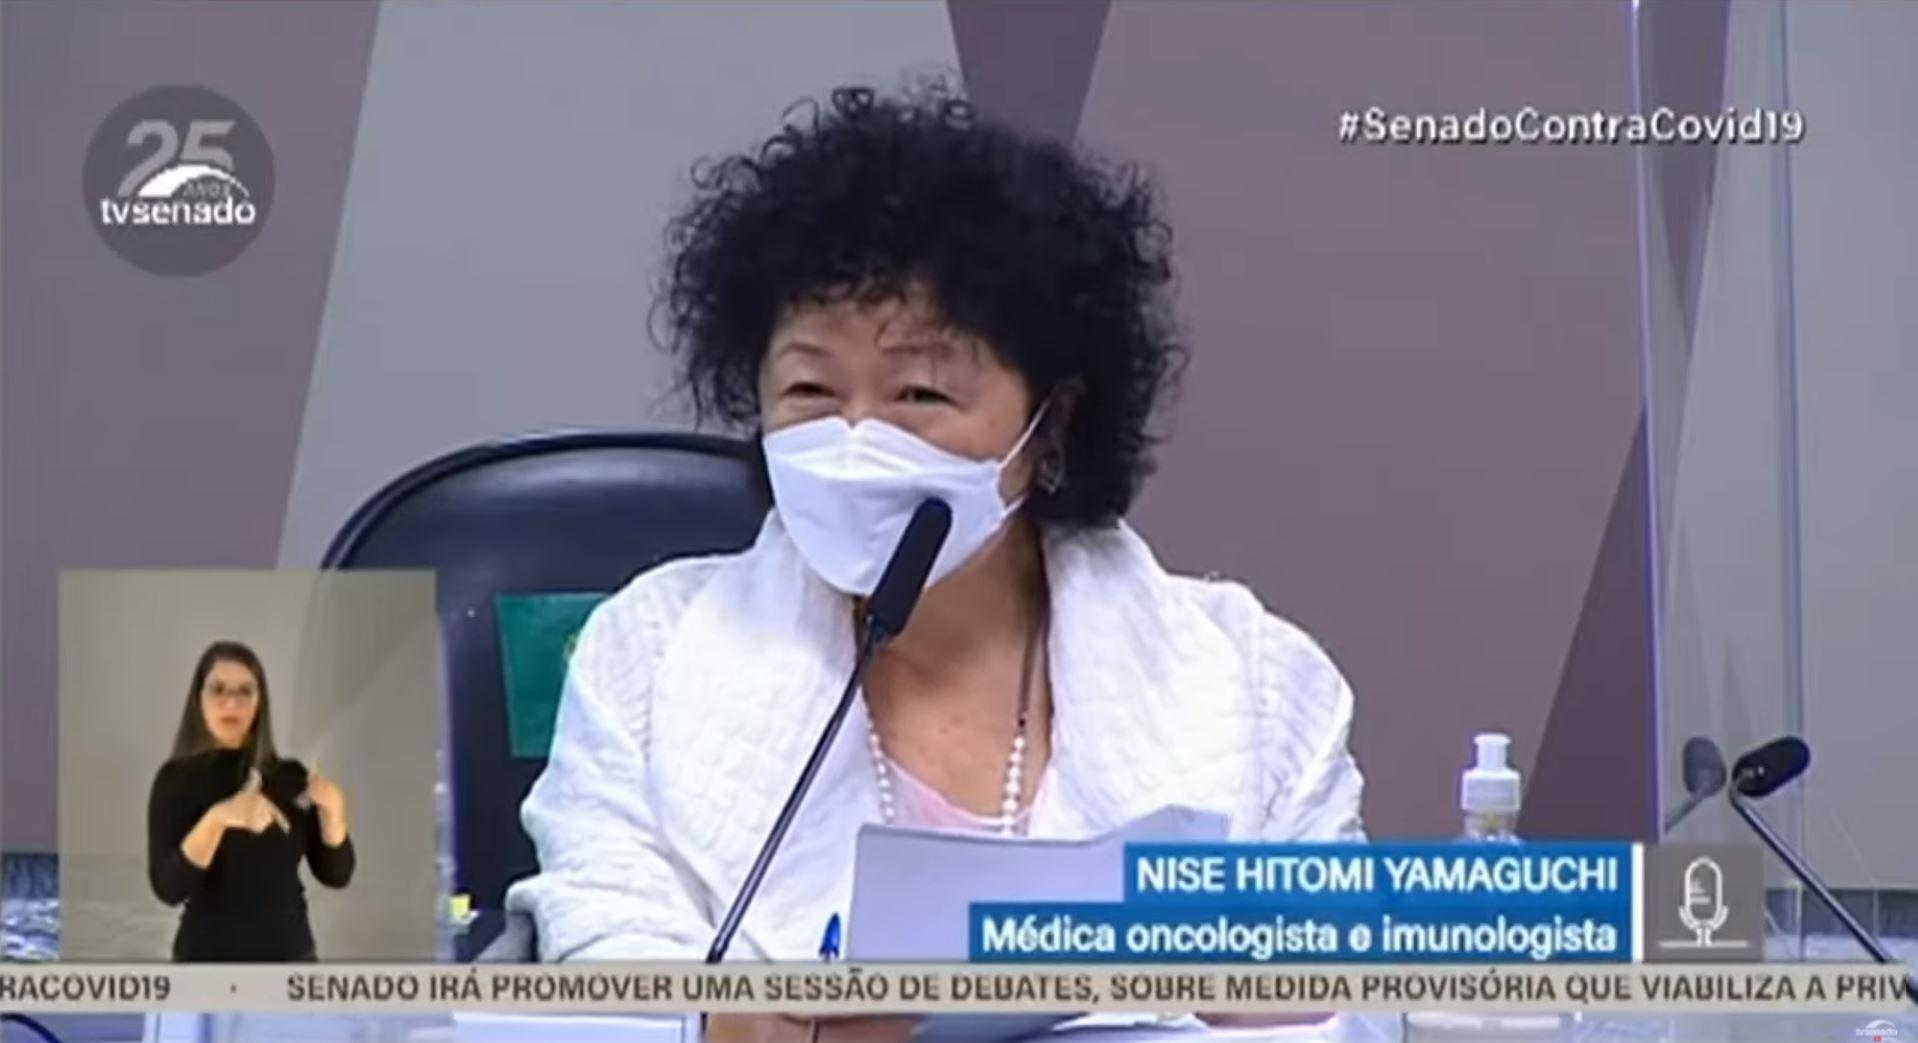 """IMAGEM: Presidente do CFM reclama da forma como Otto Alencar tratou Nise: """"Ato de misoginia"""""""